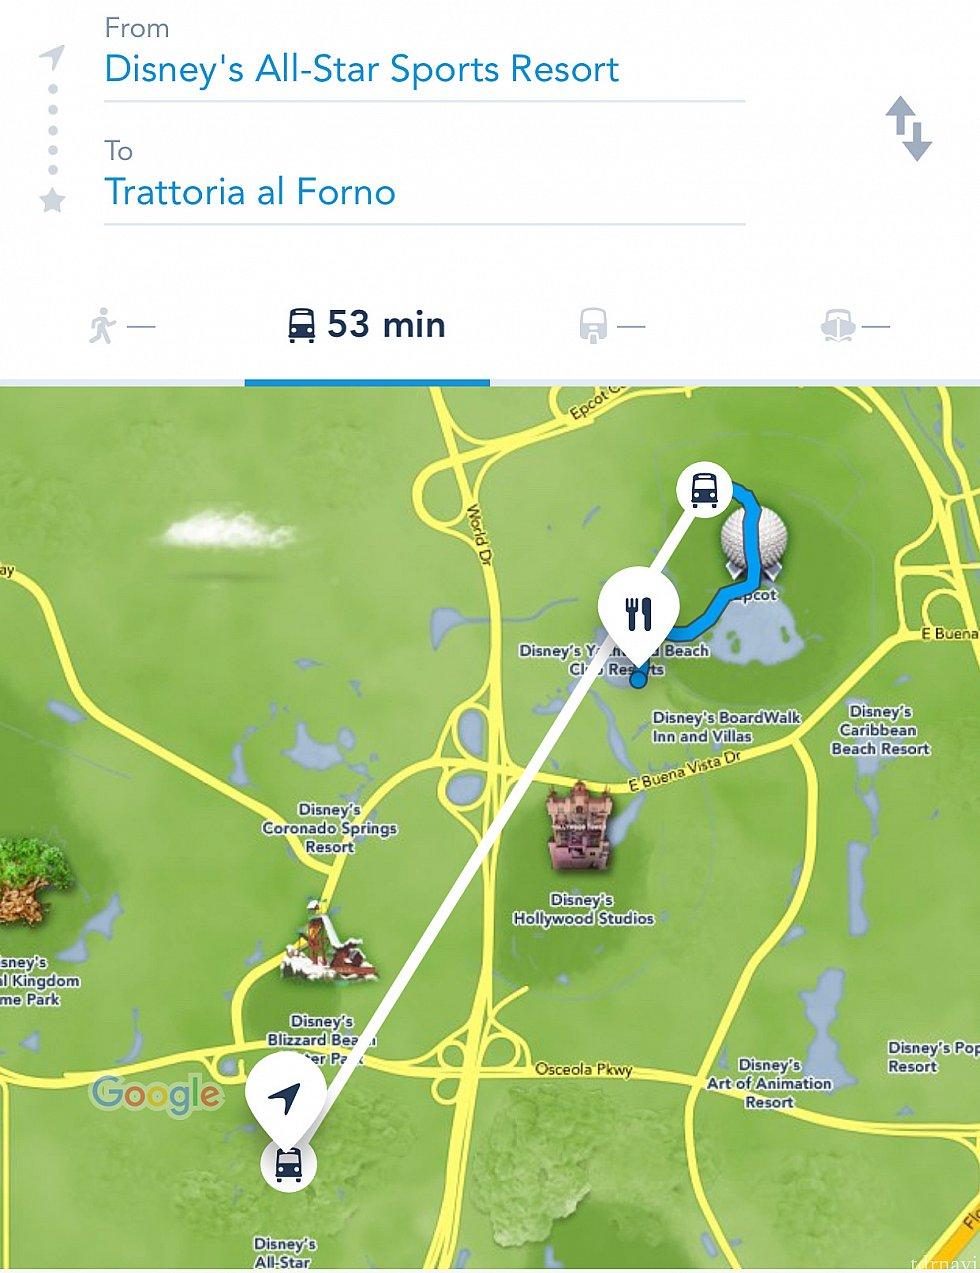 ちなみにちなみに公式アプリでオールスタースポーツからトラットリアまでの移動を検索したらエプコット経由の結果が出ました。これはシャトルバスでエプコットまで行って徒歩でインターナショナルゲートを通って〜というハードな無料の移動方法なのですが、パークがオープンしていないので7:40の朝食予約には不可能な移動方法です。